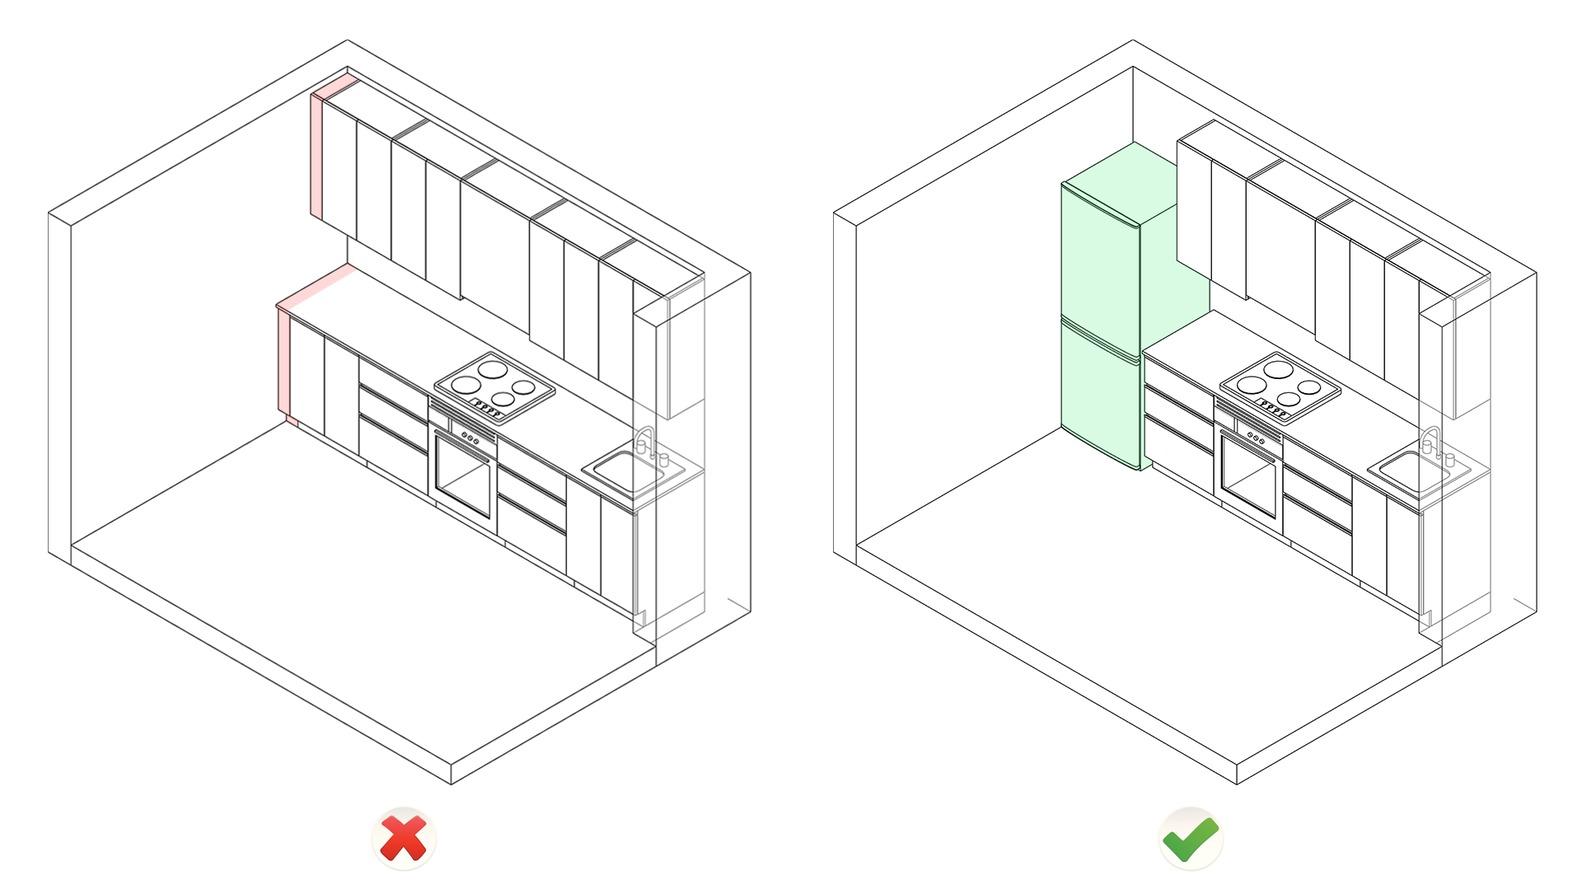 Cara Merancang Dan Membangun Dapur Dengan Benar Ikons